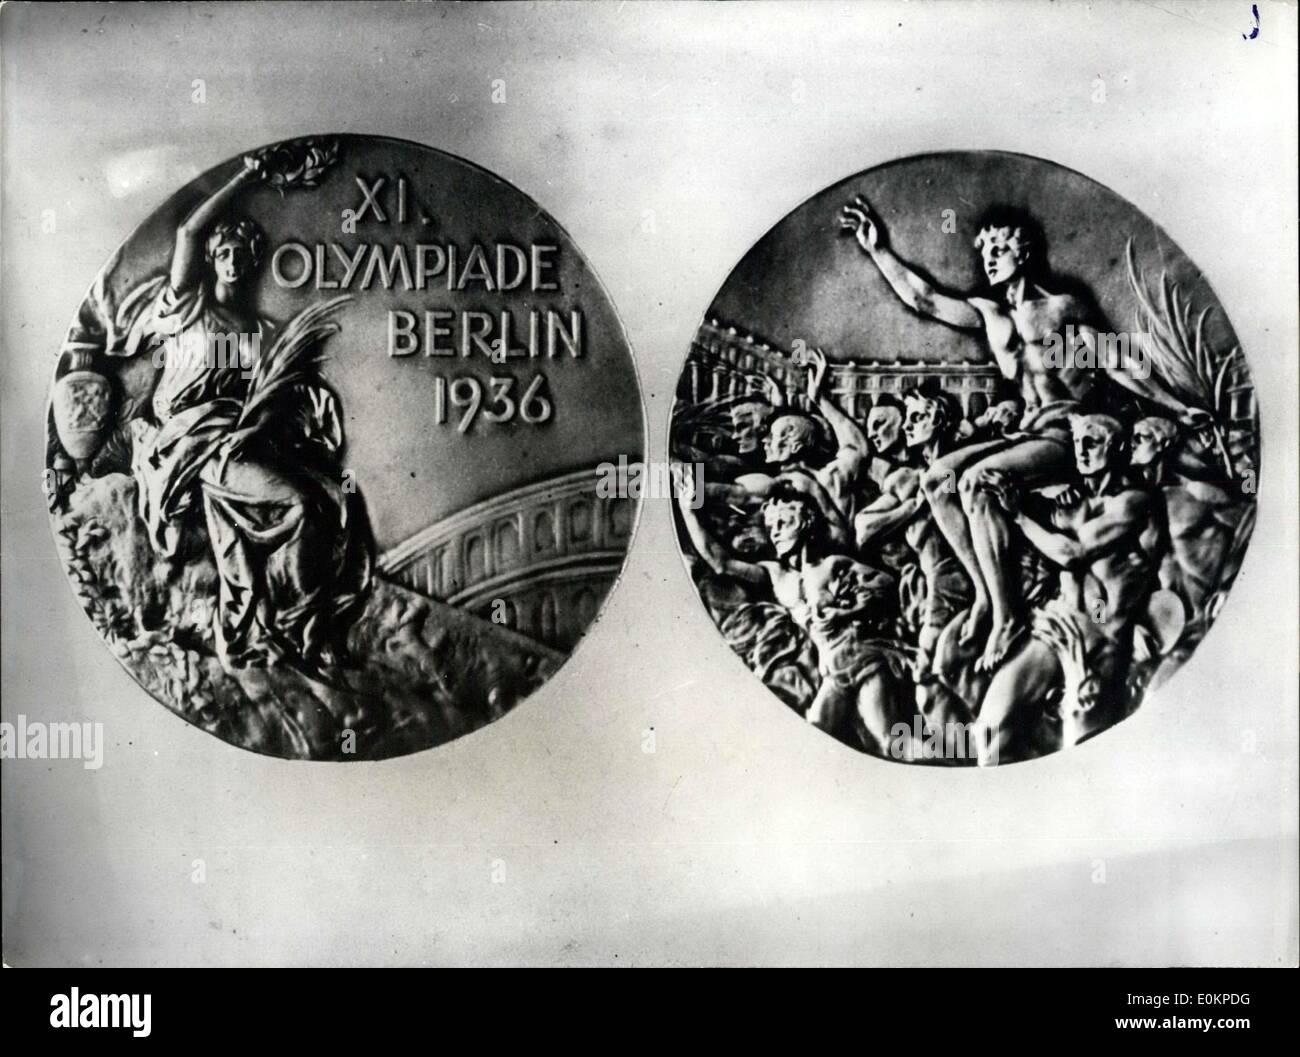 28 Mai 1936 Medaillen Der Olympischen Spiele Berlin 1936 Unser Foto Berlin Olympia Medaille 1936 Front Zeigt Die Gottin Des Sieges Auf Der Ruckseite Gewinner Des Marathon In Triumph Durchgefuhrt Stockfotografie Alamy